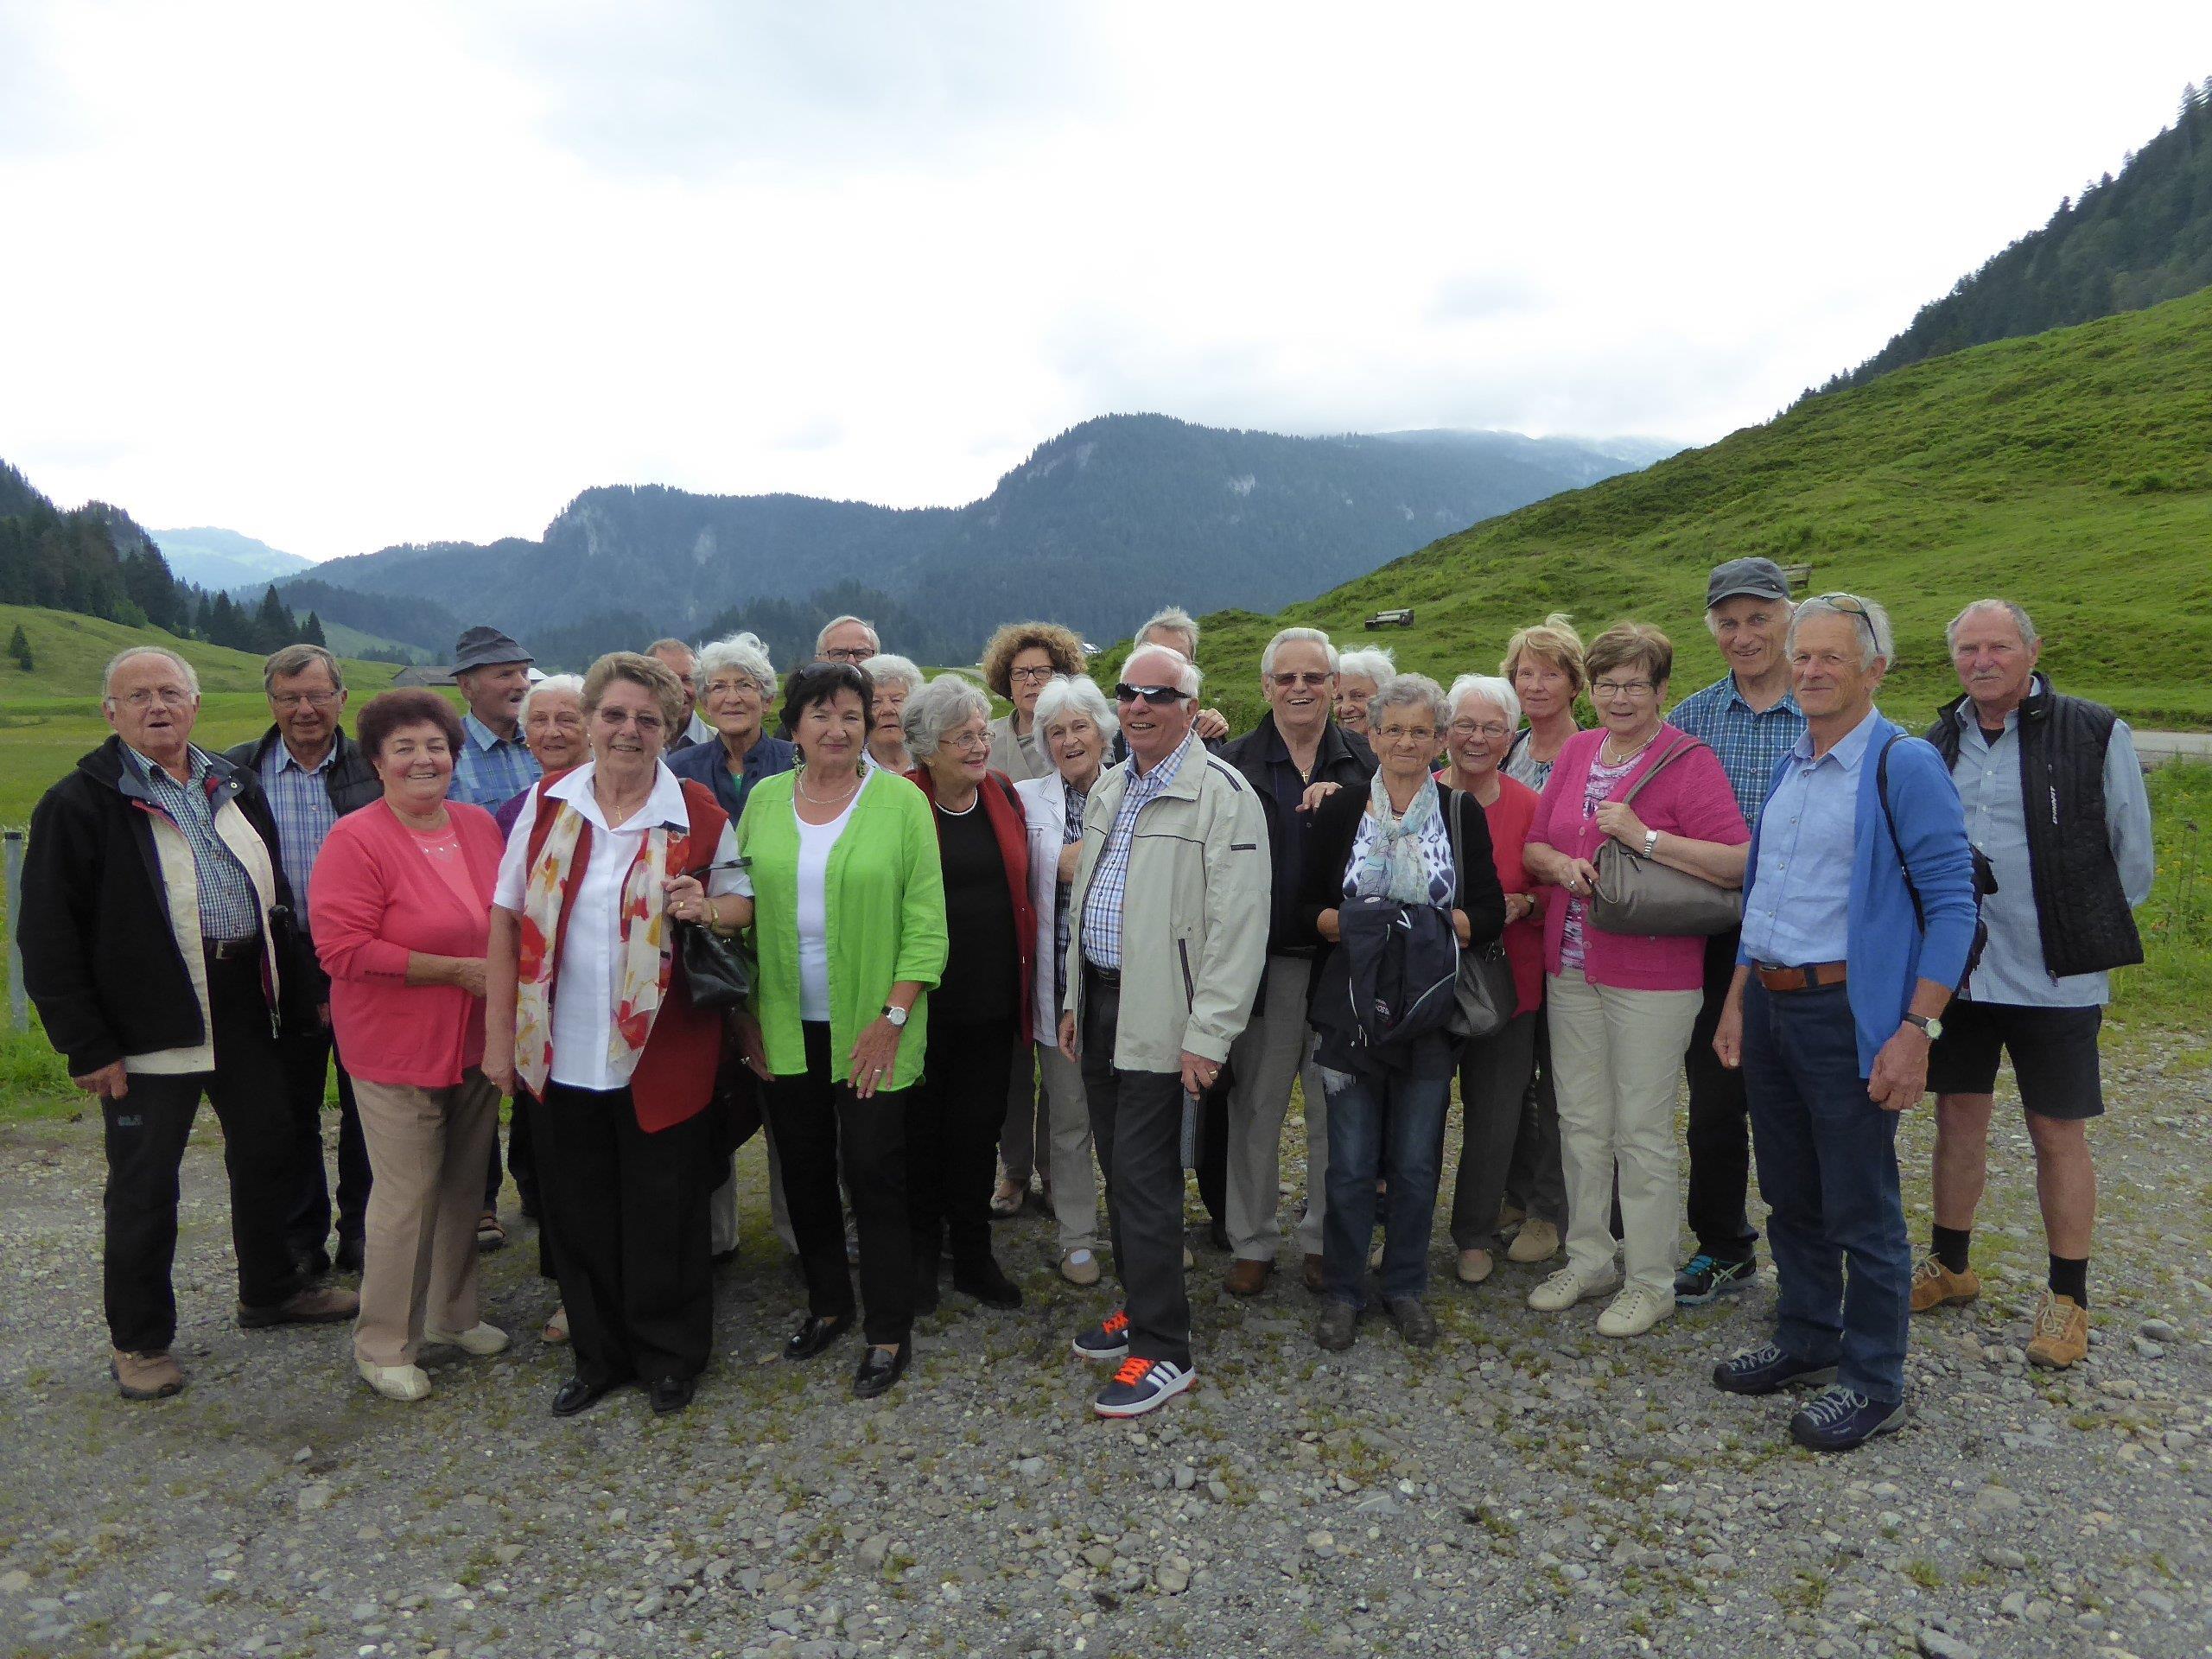 Jahrgänger 1ß38 in Schönenebach